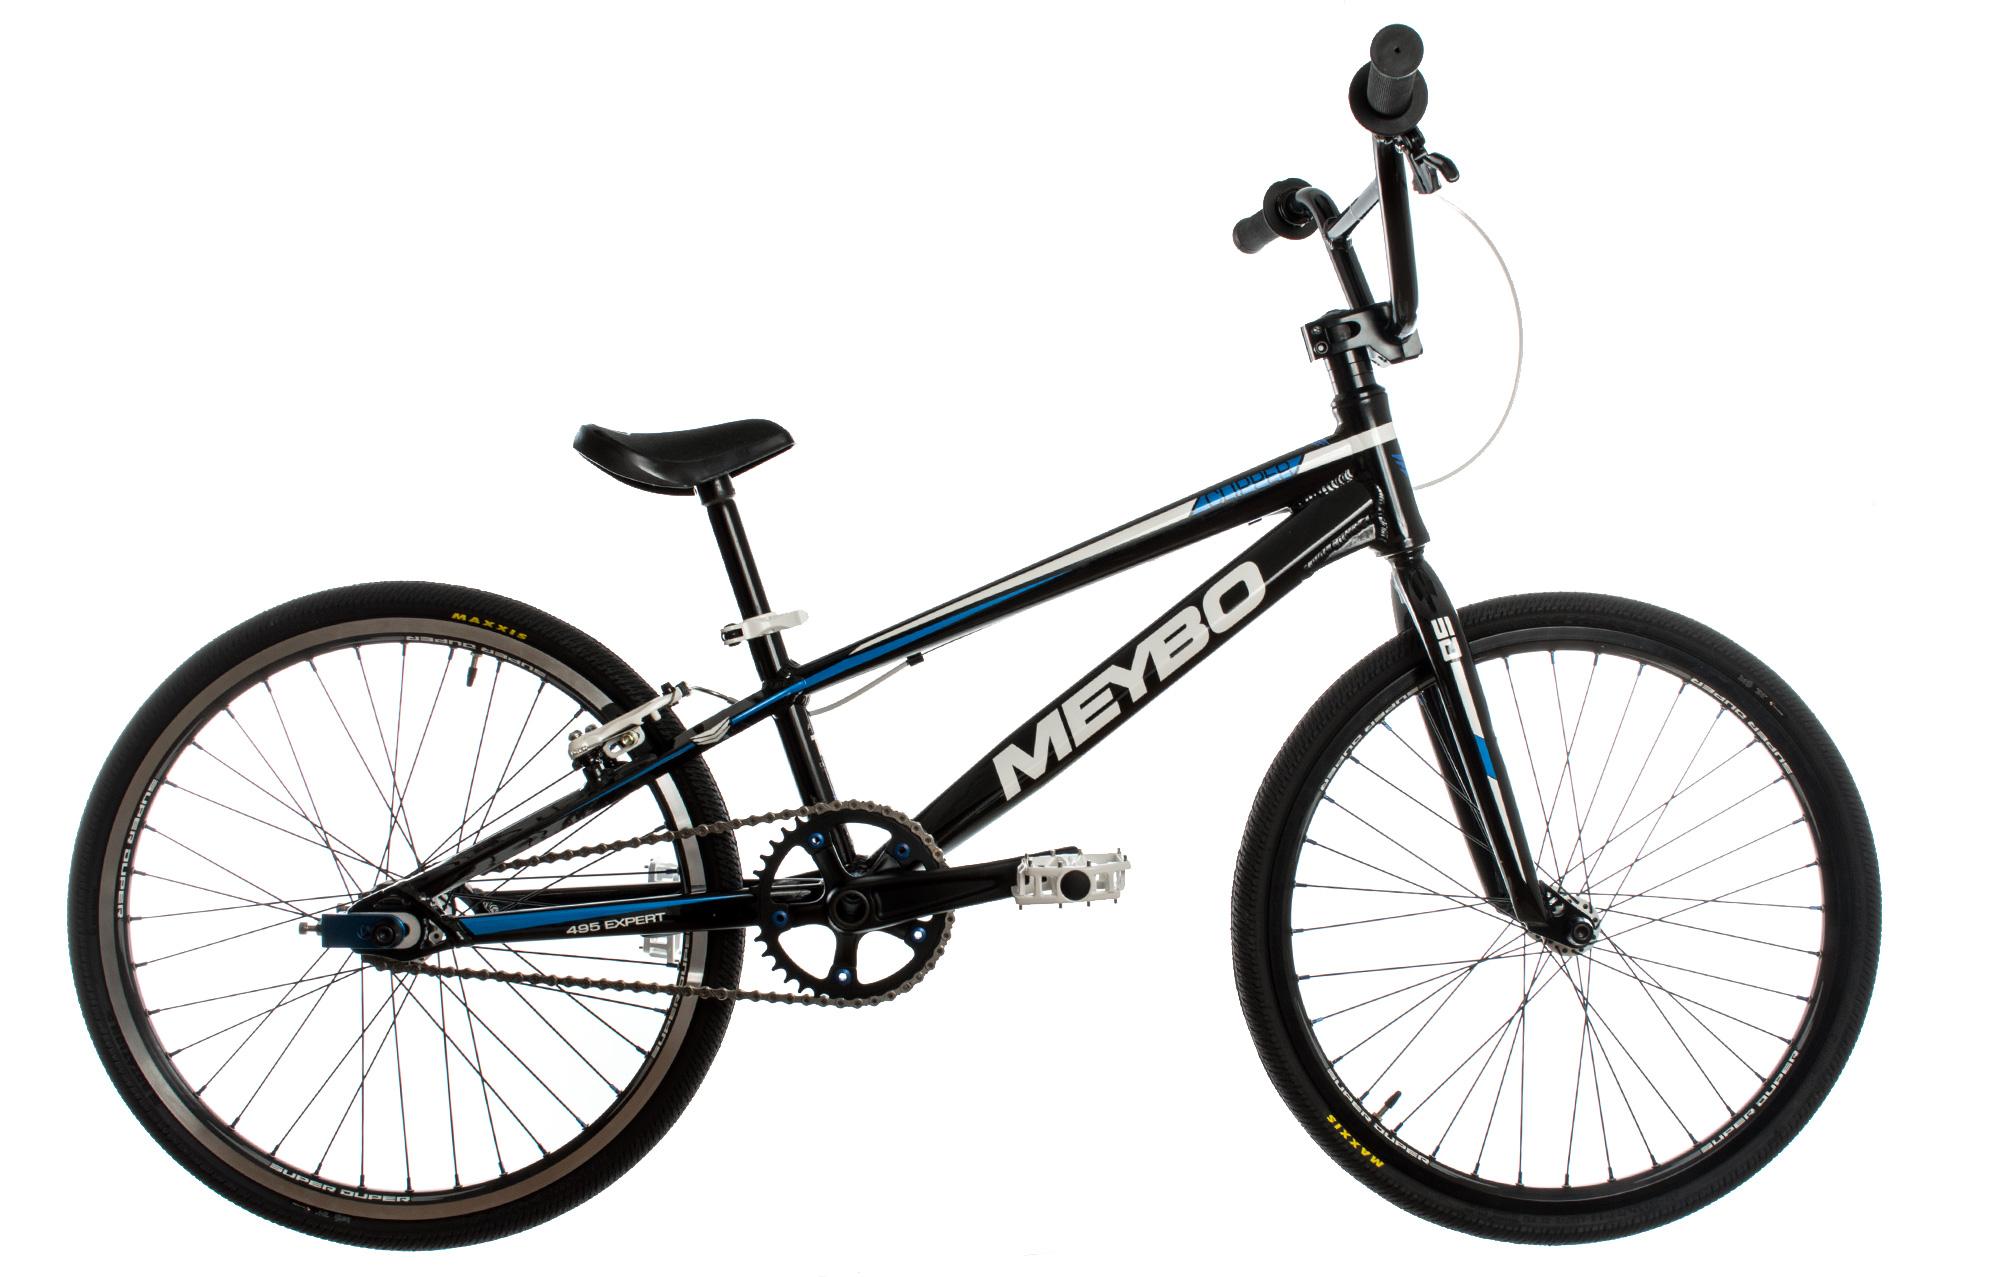 meybo clipper complete bike expert black. Black Bedroom Furniture Sets. Home Design Ideas